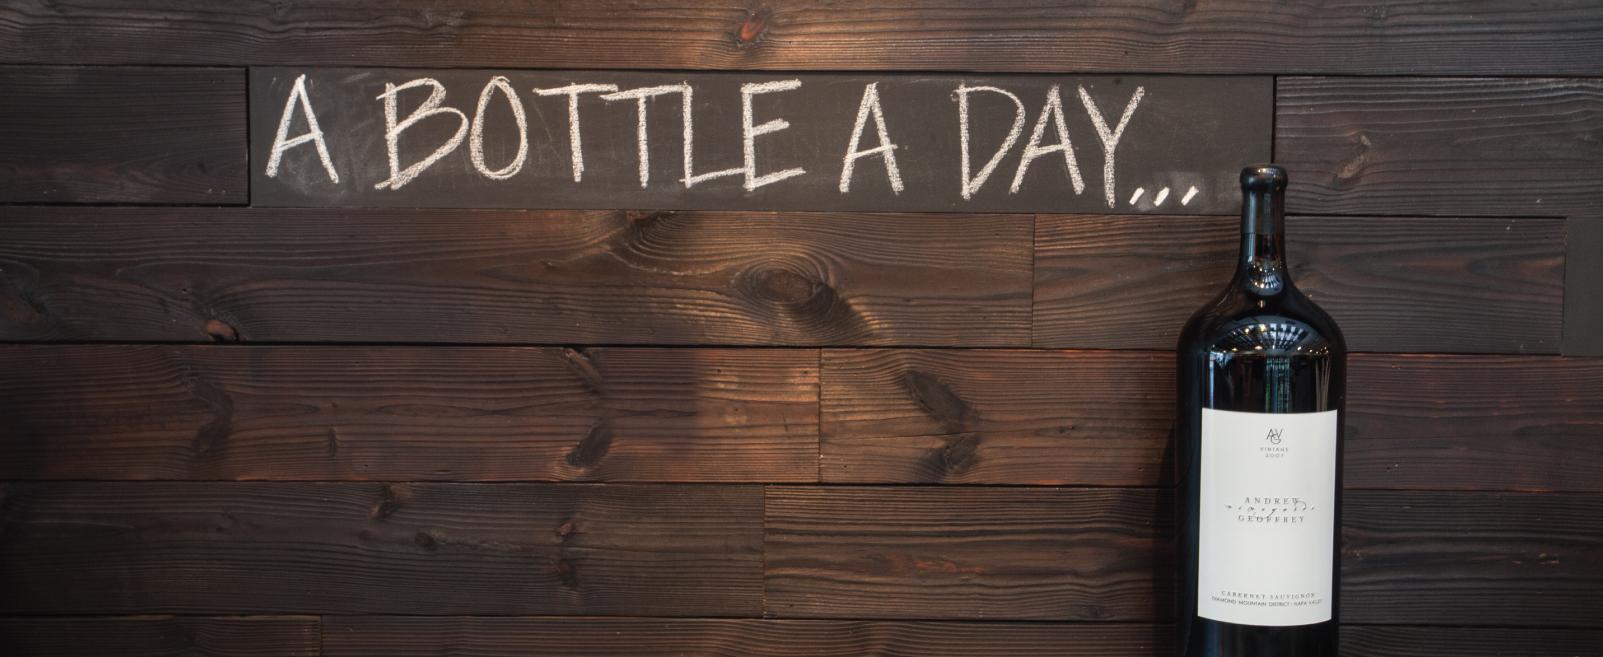 bottle-a_day.jpg